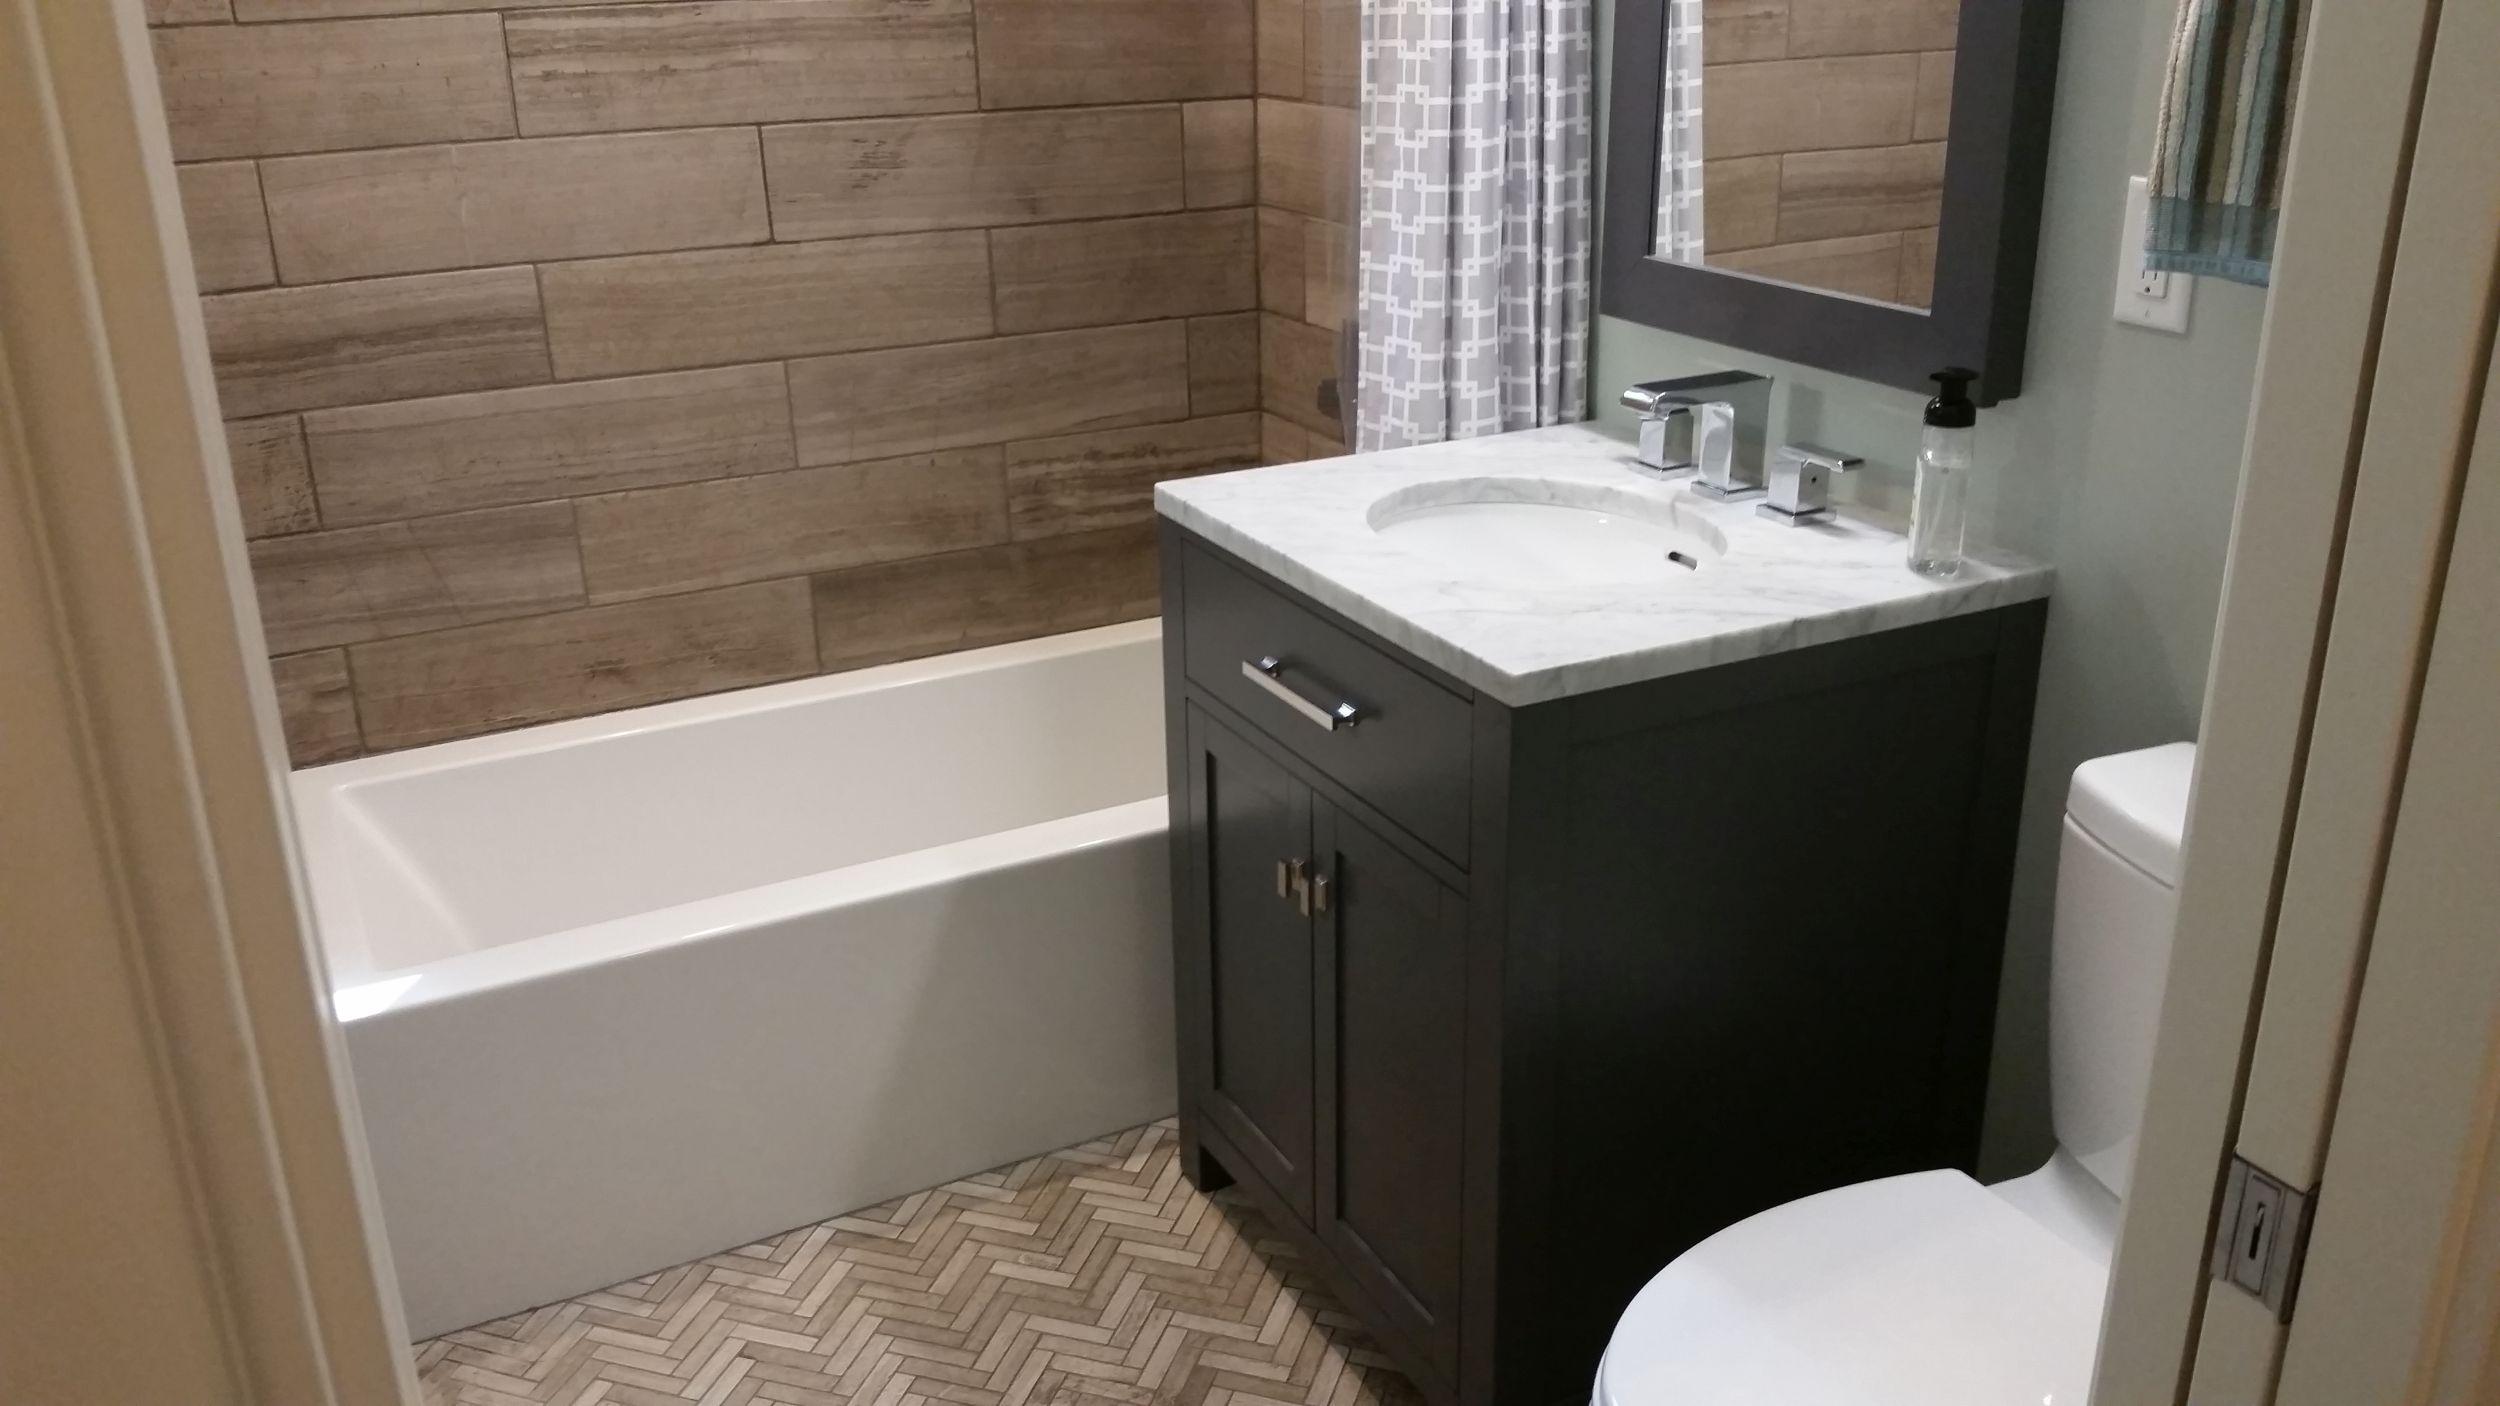 Bathroom remodel after image. New shower and floor tile.